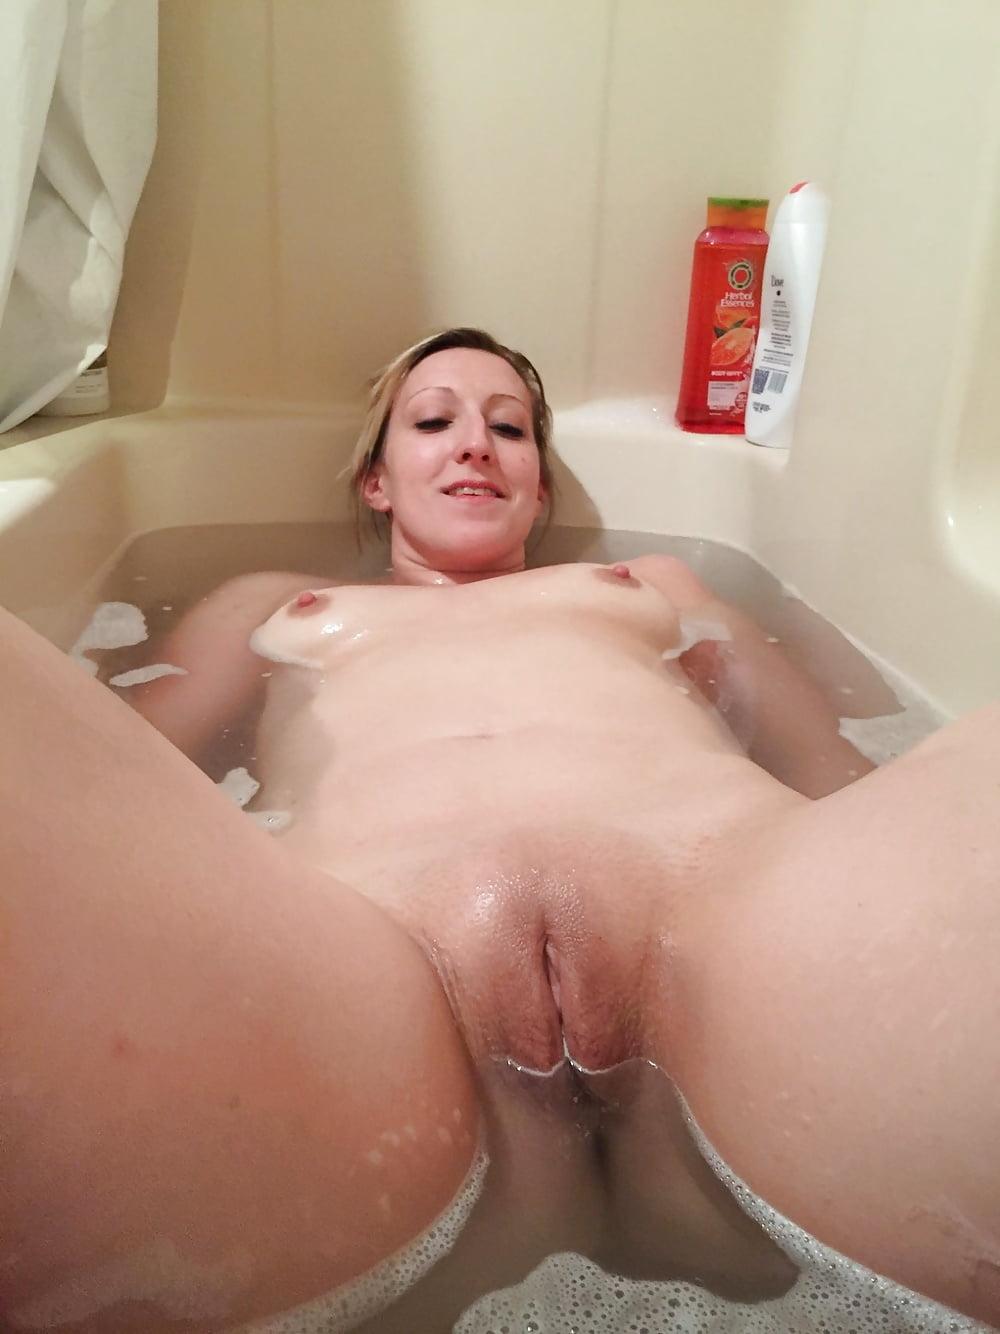 Порно фото моя жена в ванной — photo 15